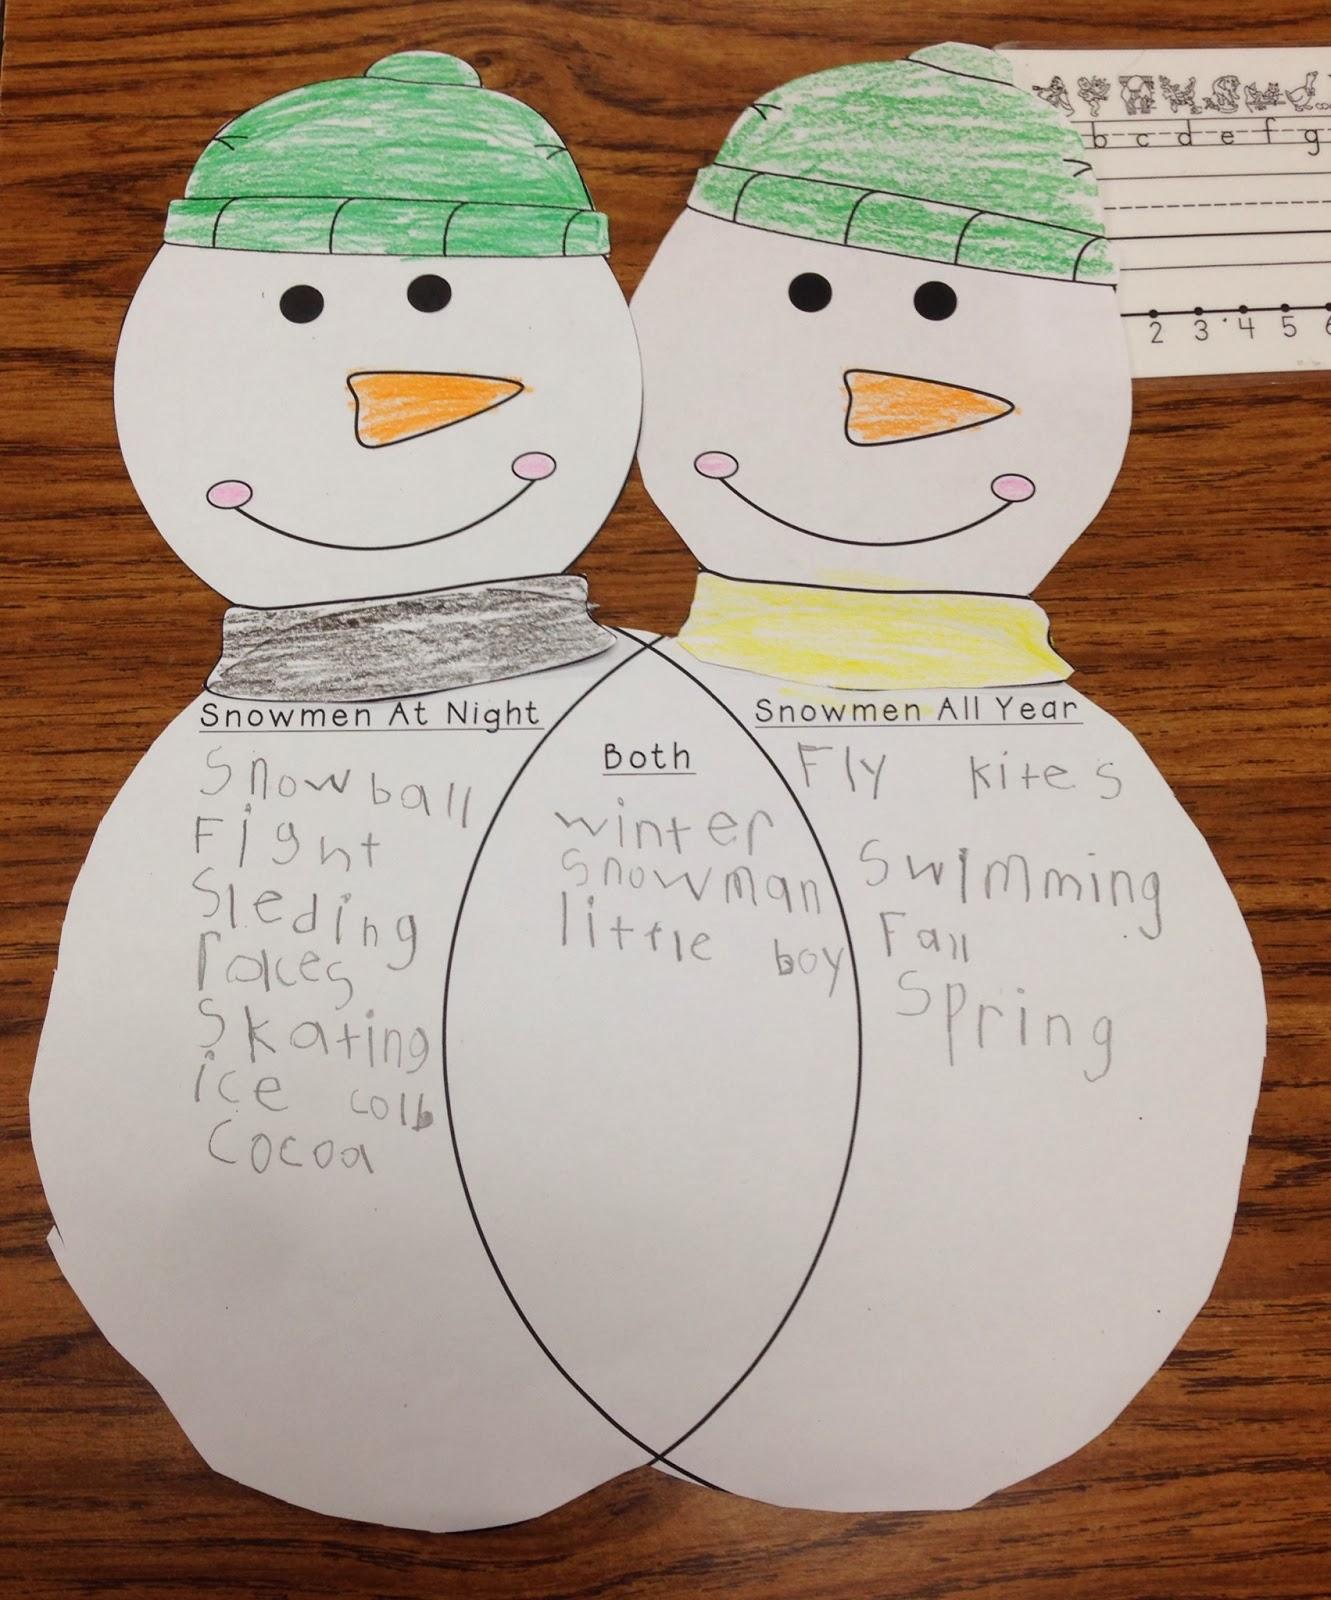 gingerbread man snowman venn diagram |Snowmen Venn Diagram